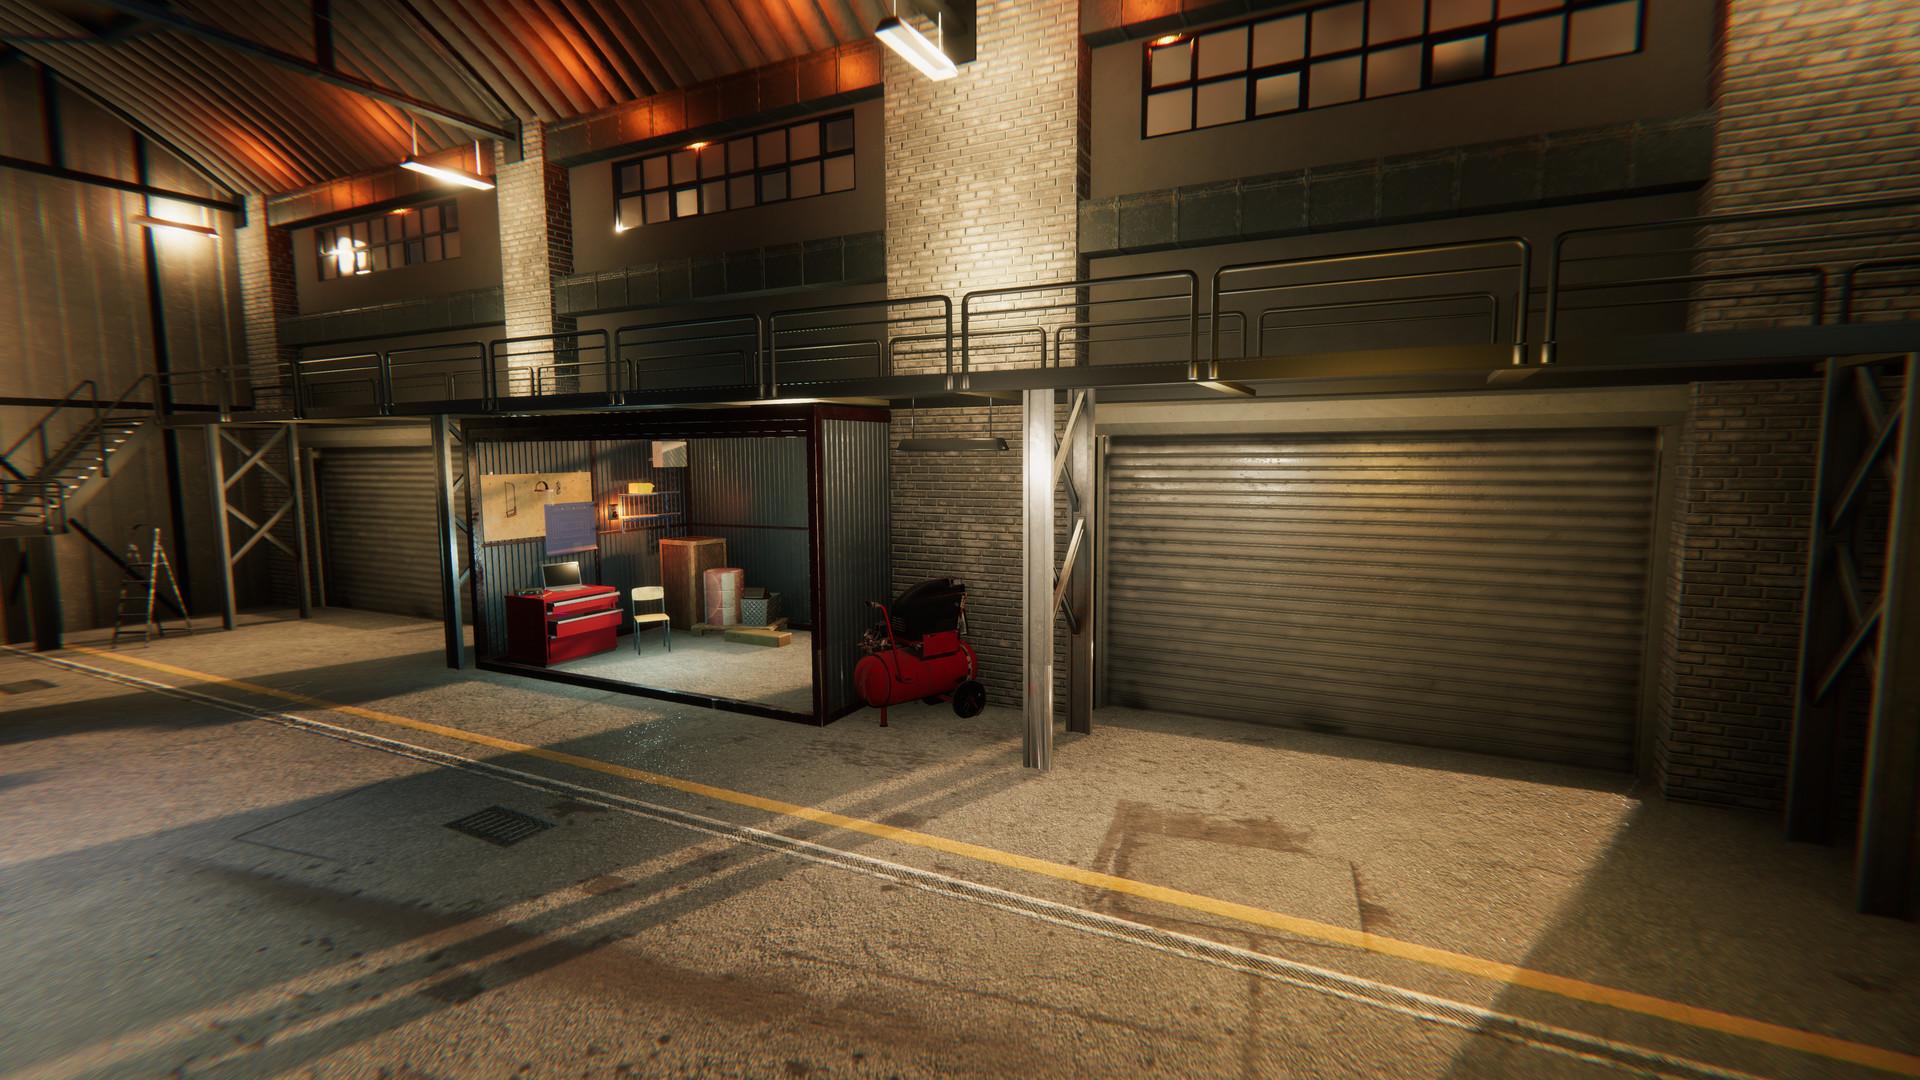 修车模拟游戏《地下车库》明年Q4推出 最低GTX 970